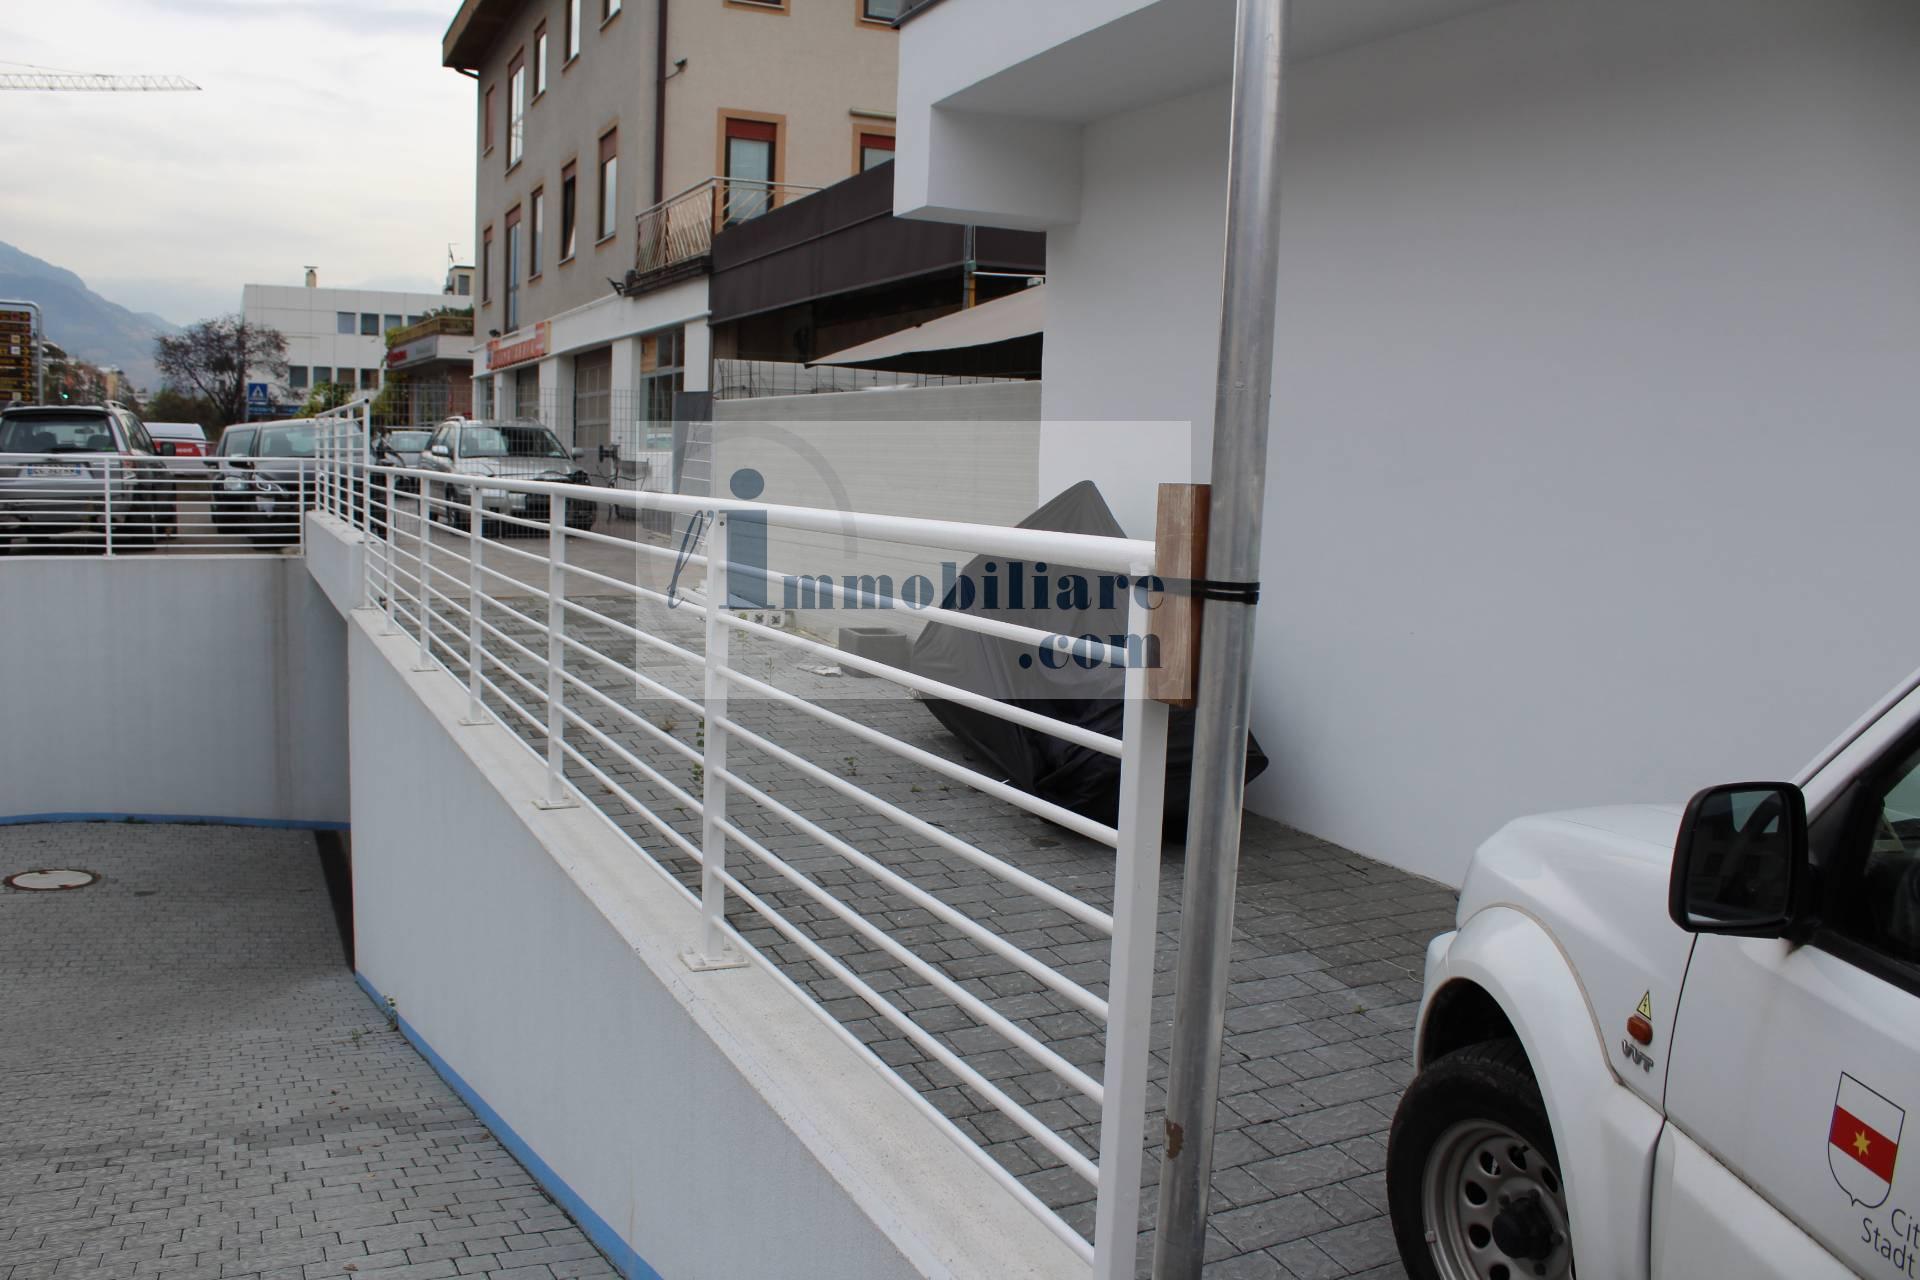 Magazzino in affitto a Bolzano, 9999 locali, zona Zona: Residenziale, prezzo € 2.200 | CambioCasa.it